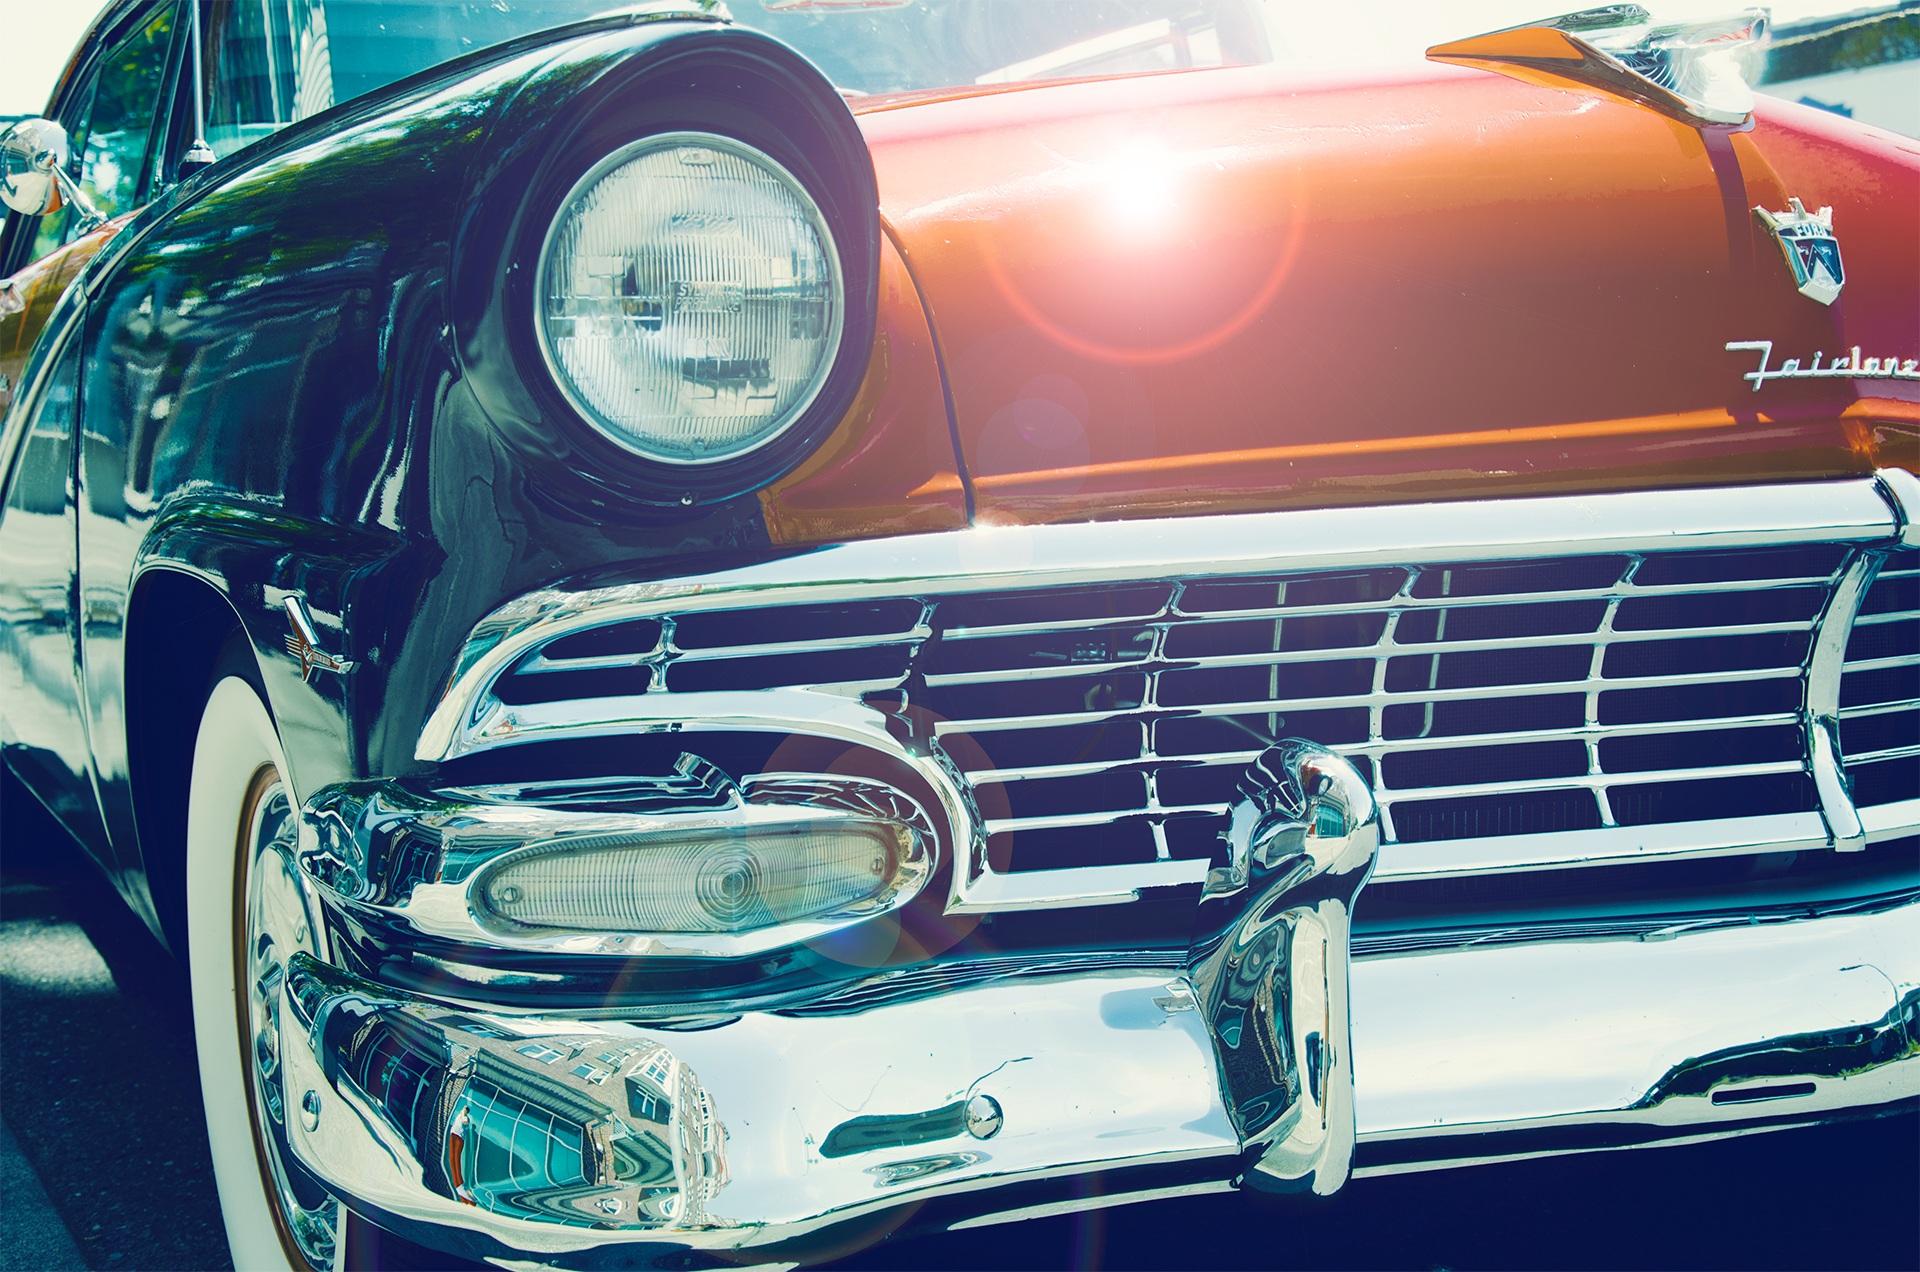 Auto, alt, Klassiker, Jahrgang, Ford - Wallpaper HD - Prof.-falken.com